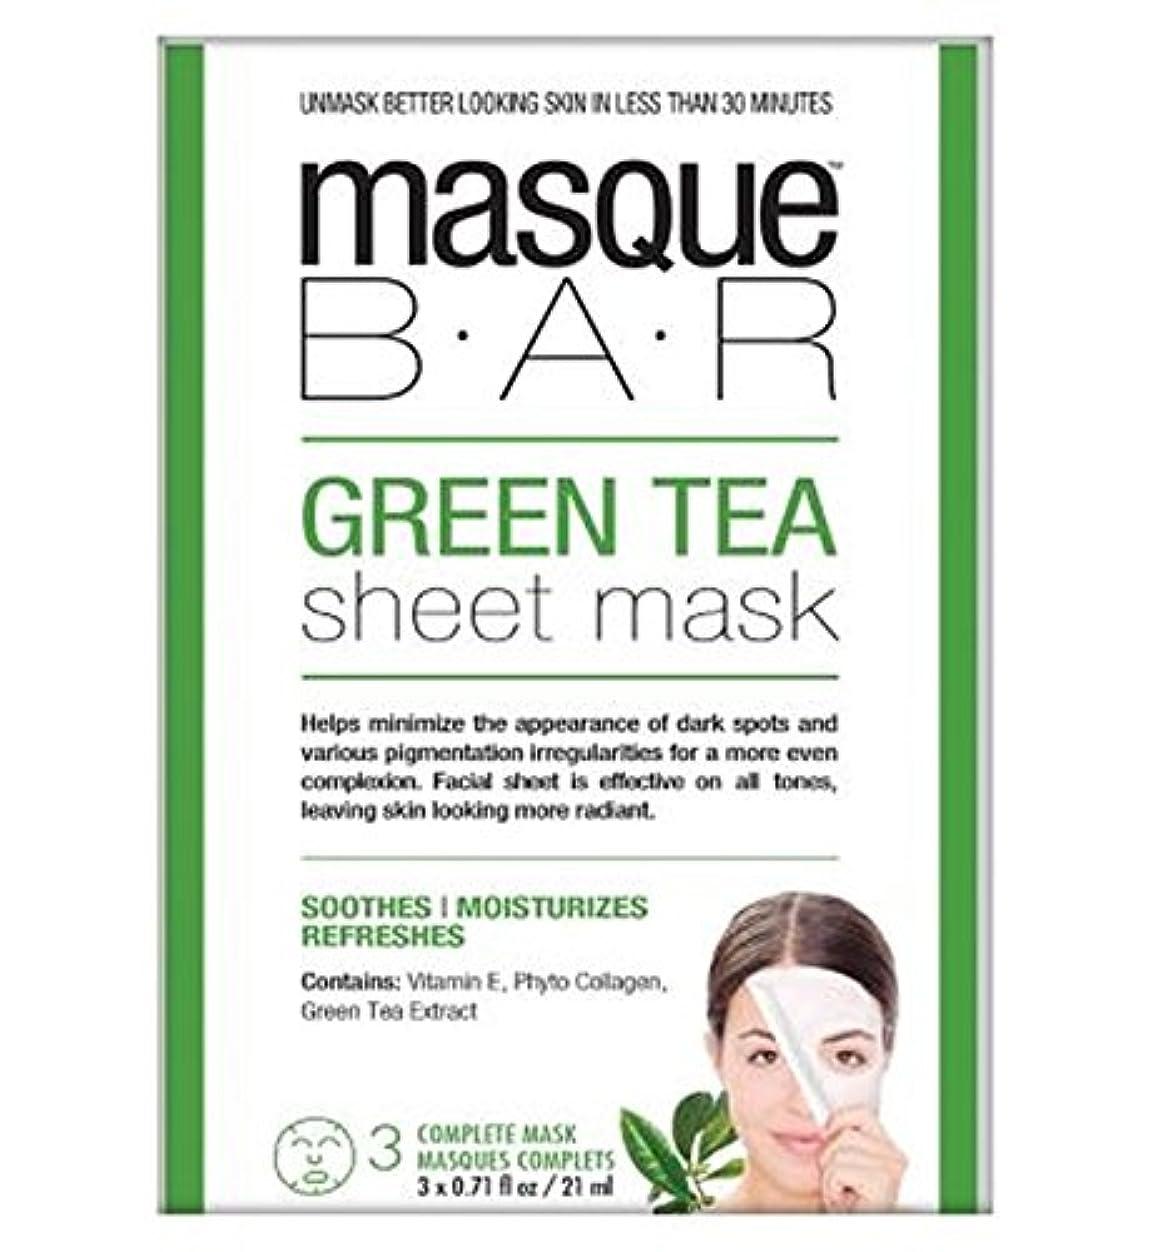 に対してボルト楽しませる仮面劇バー緑茶シートマスク - 3完全なマスク (P6B Masque Bar Bt) (x2) - Masque Bar Green Tea Sheet Mask - 3 complete masks (Pack of...